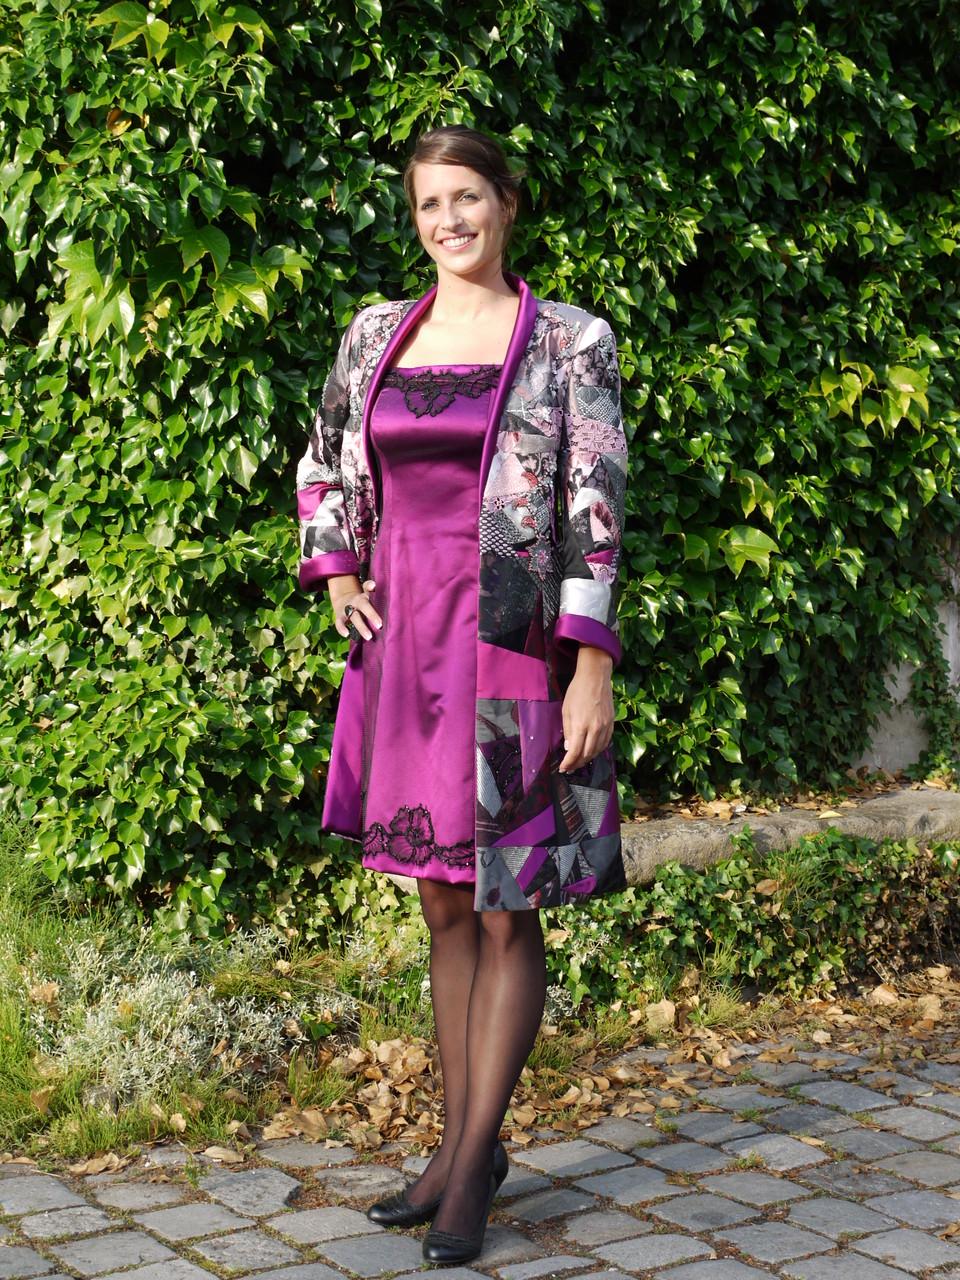 """Umsetzung in ein Modell von Frau Freier. Dieses Modell bekam die Auszeichnung die """"silberne Rose"""" 2010"""